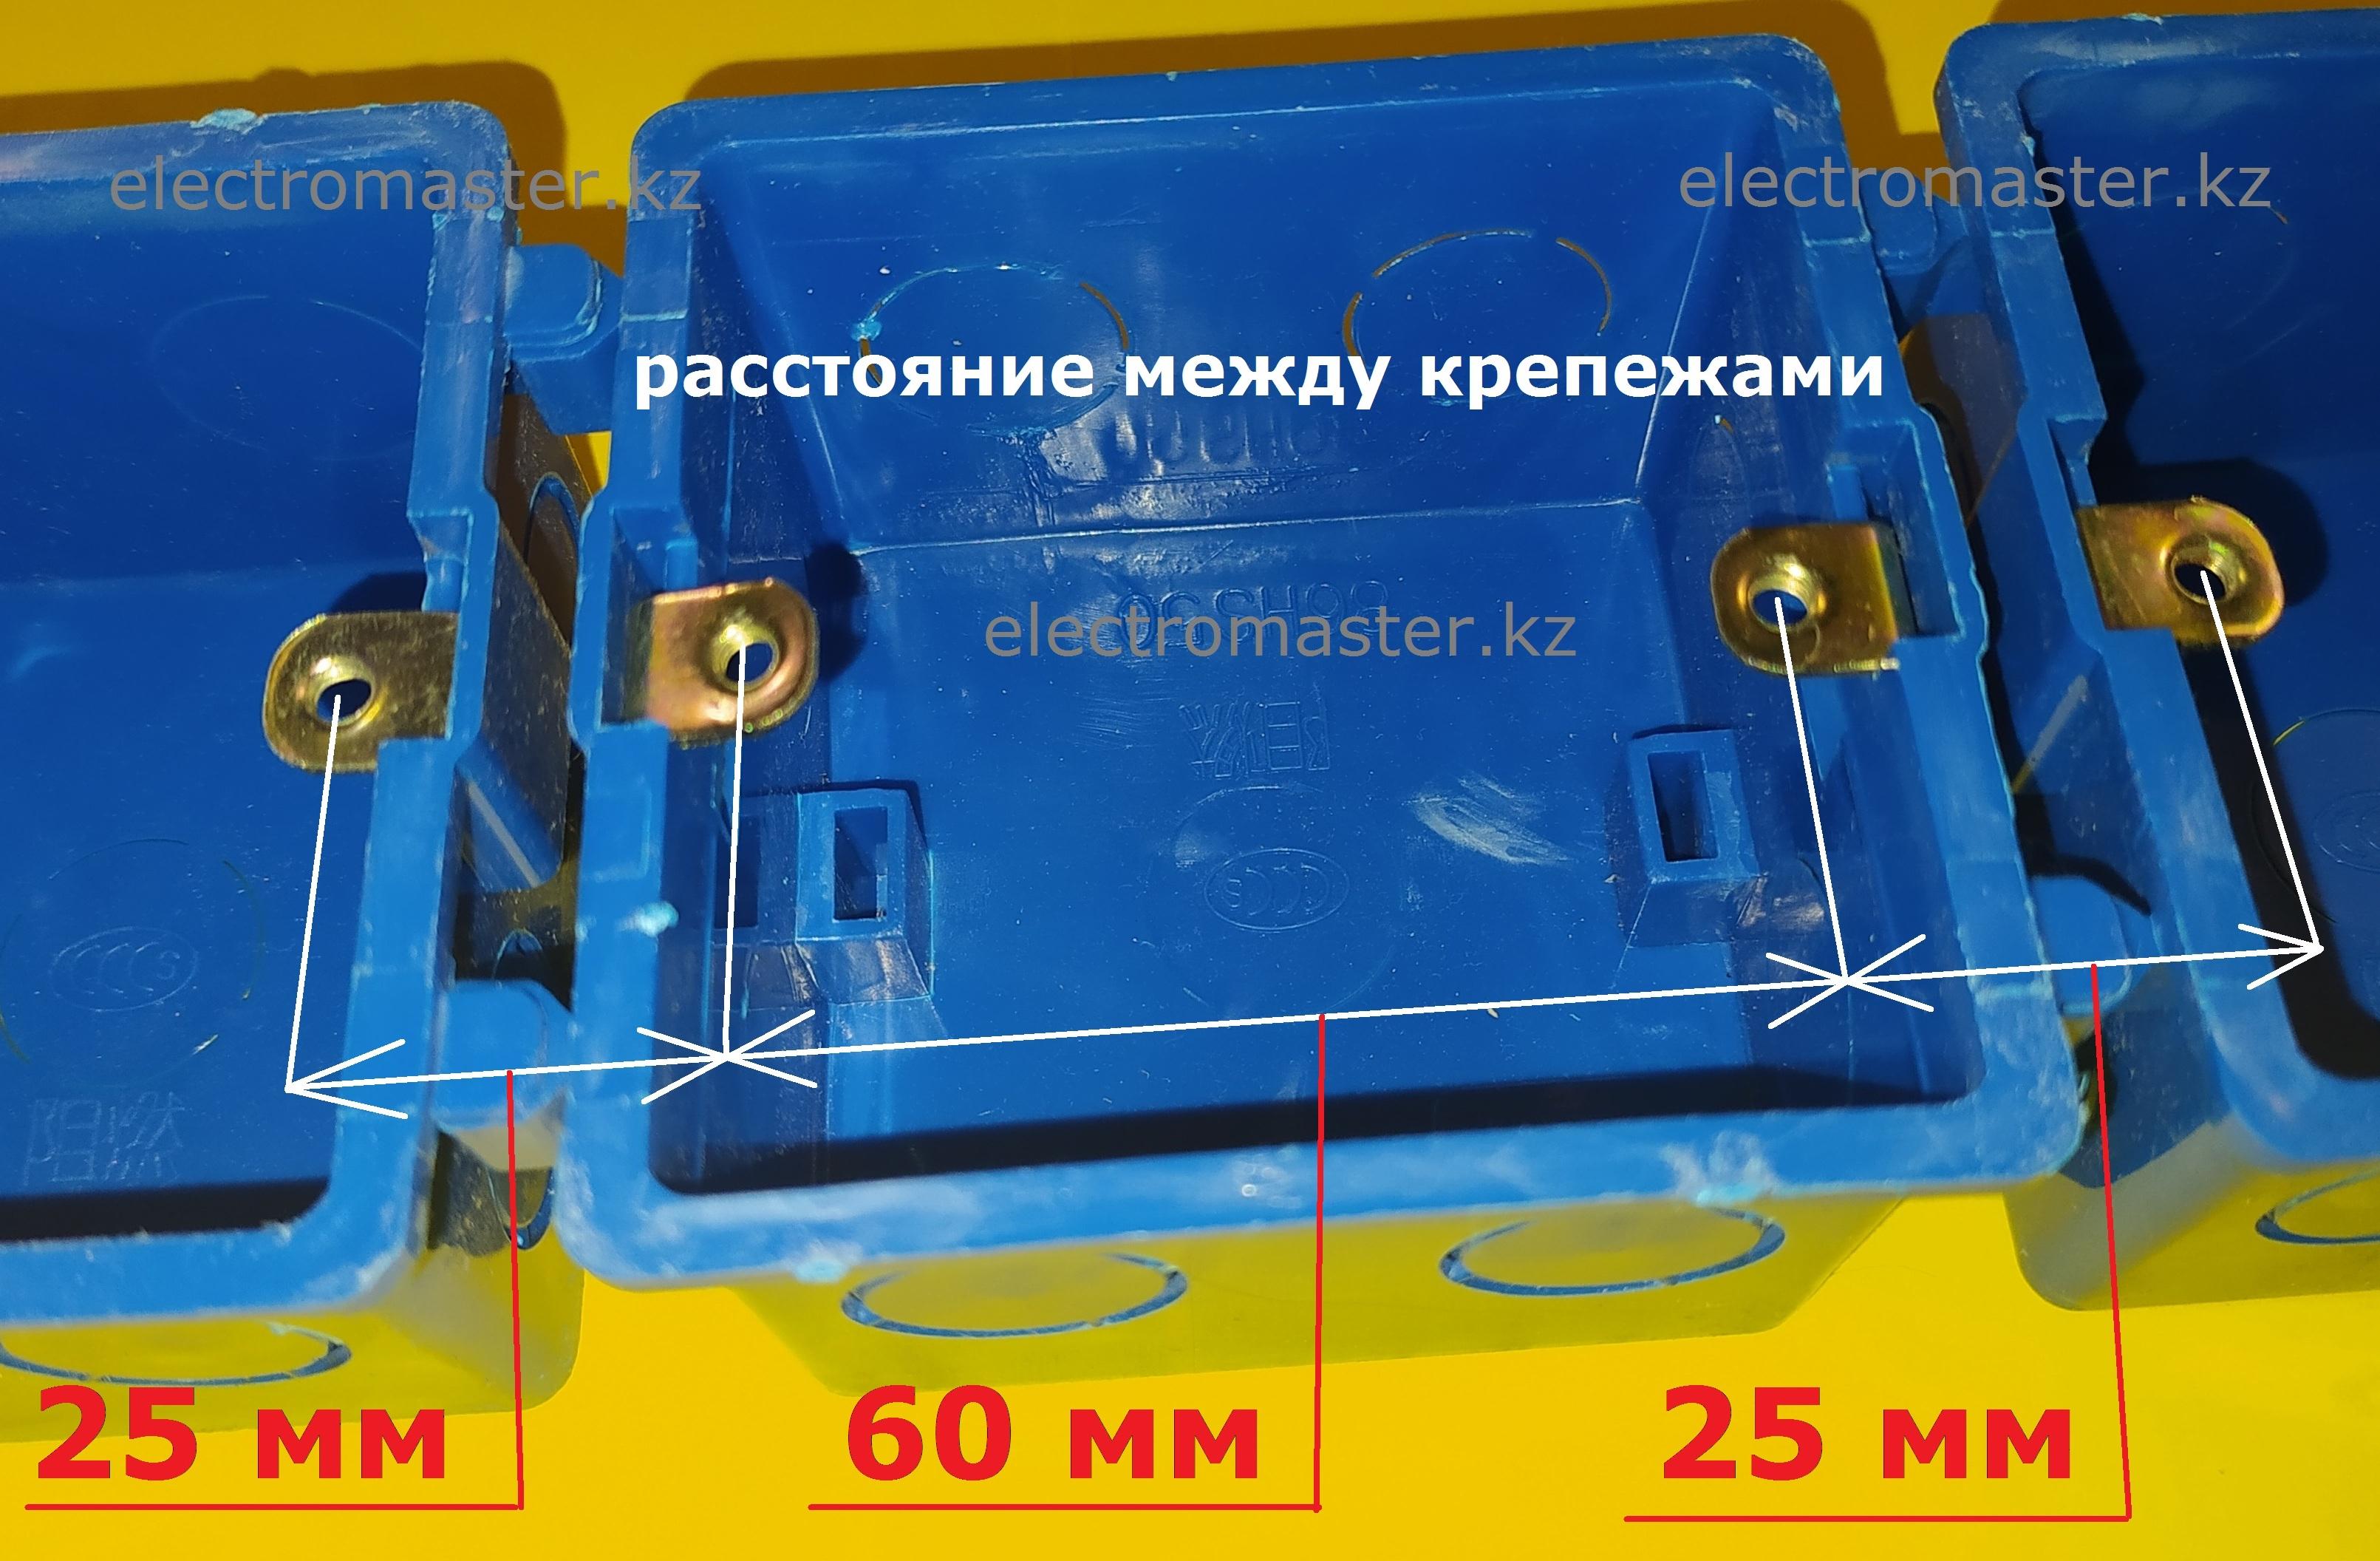 Расстояние между креплениями соединительного квадратного подрозетника, стандарта 86х86 - 60 и 25 мм, надежно фиксирует электротехническое изделие